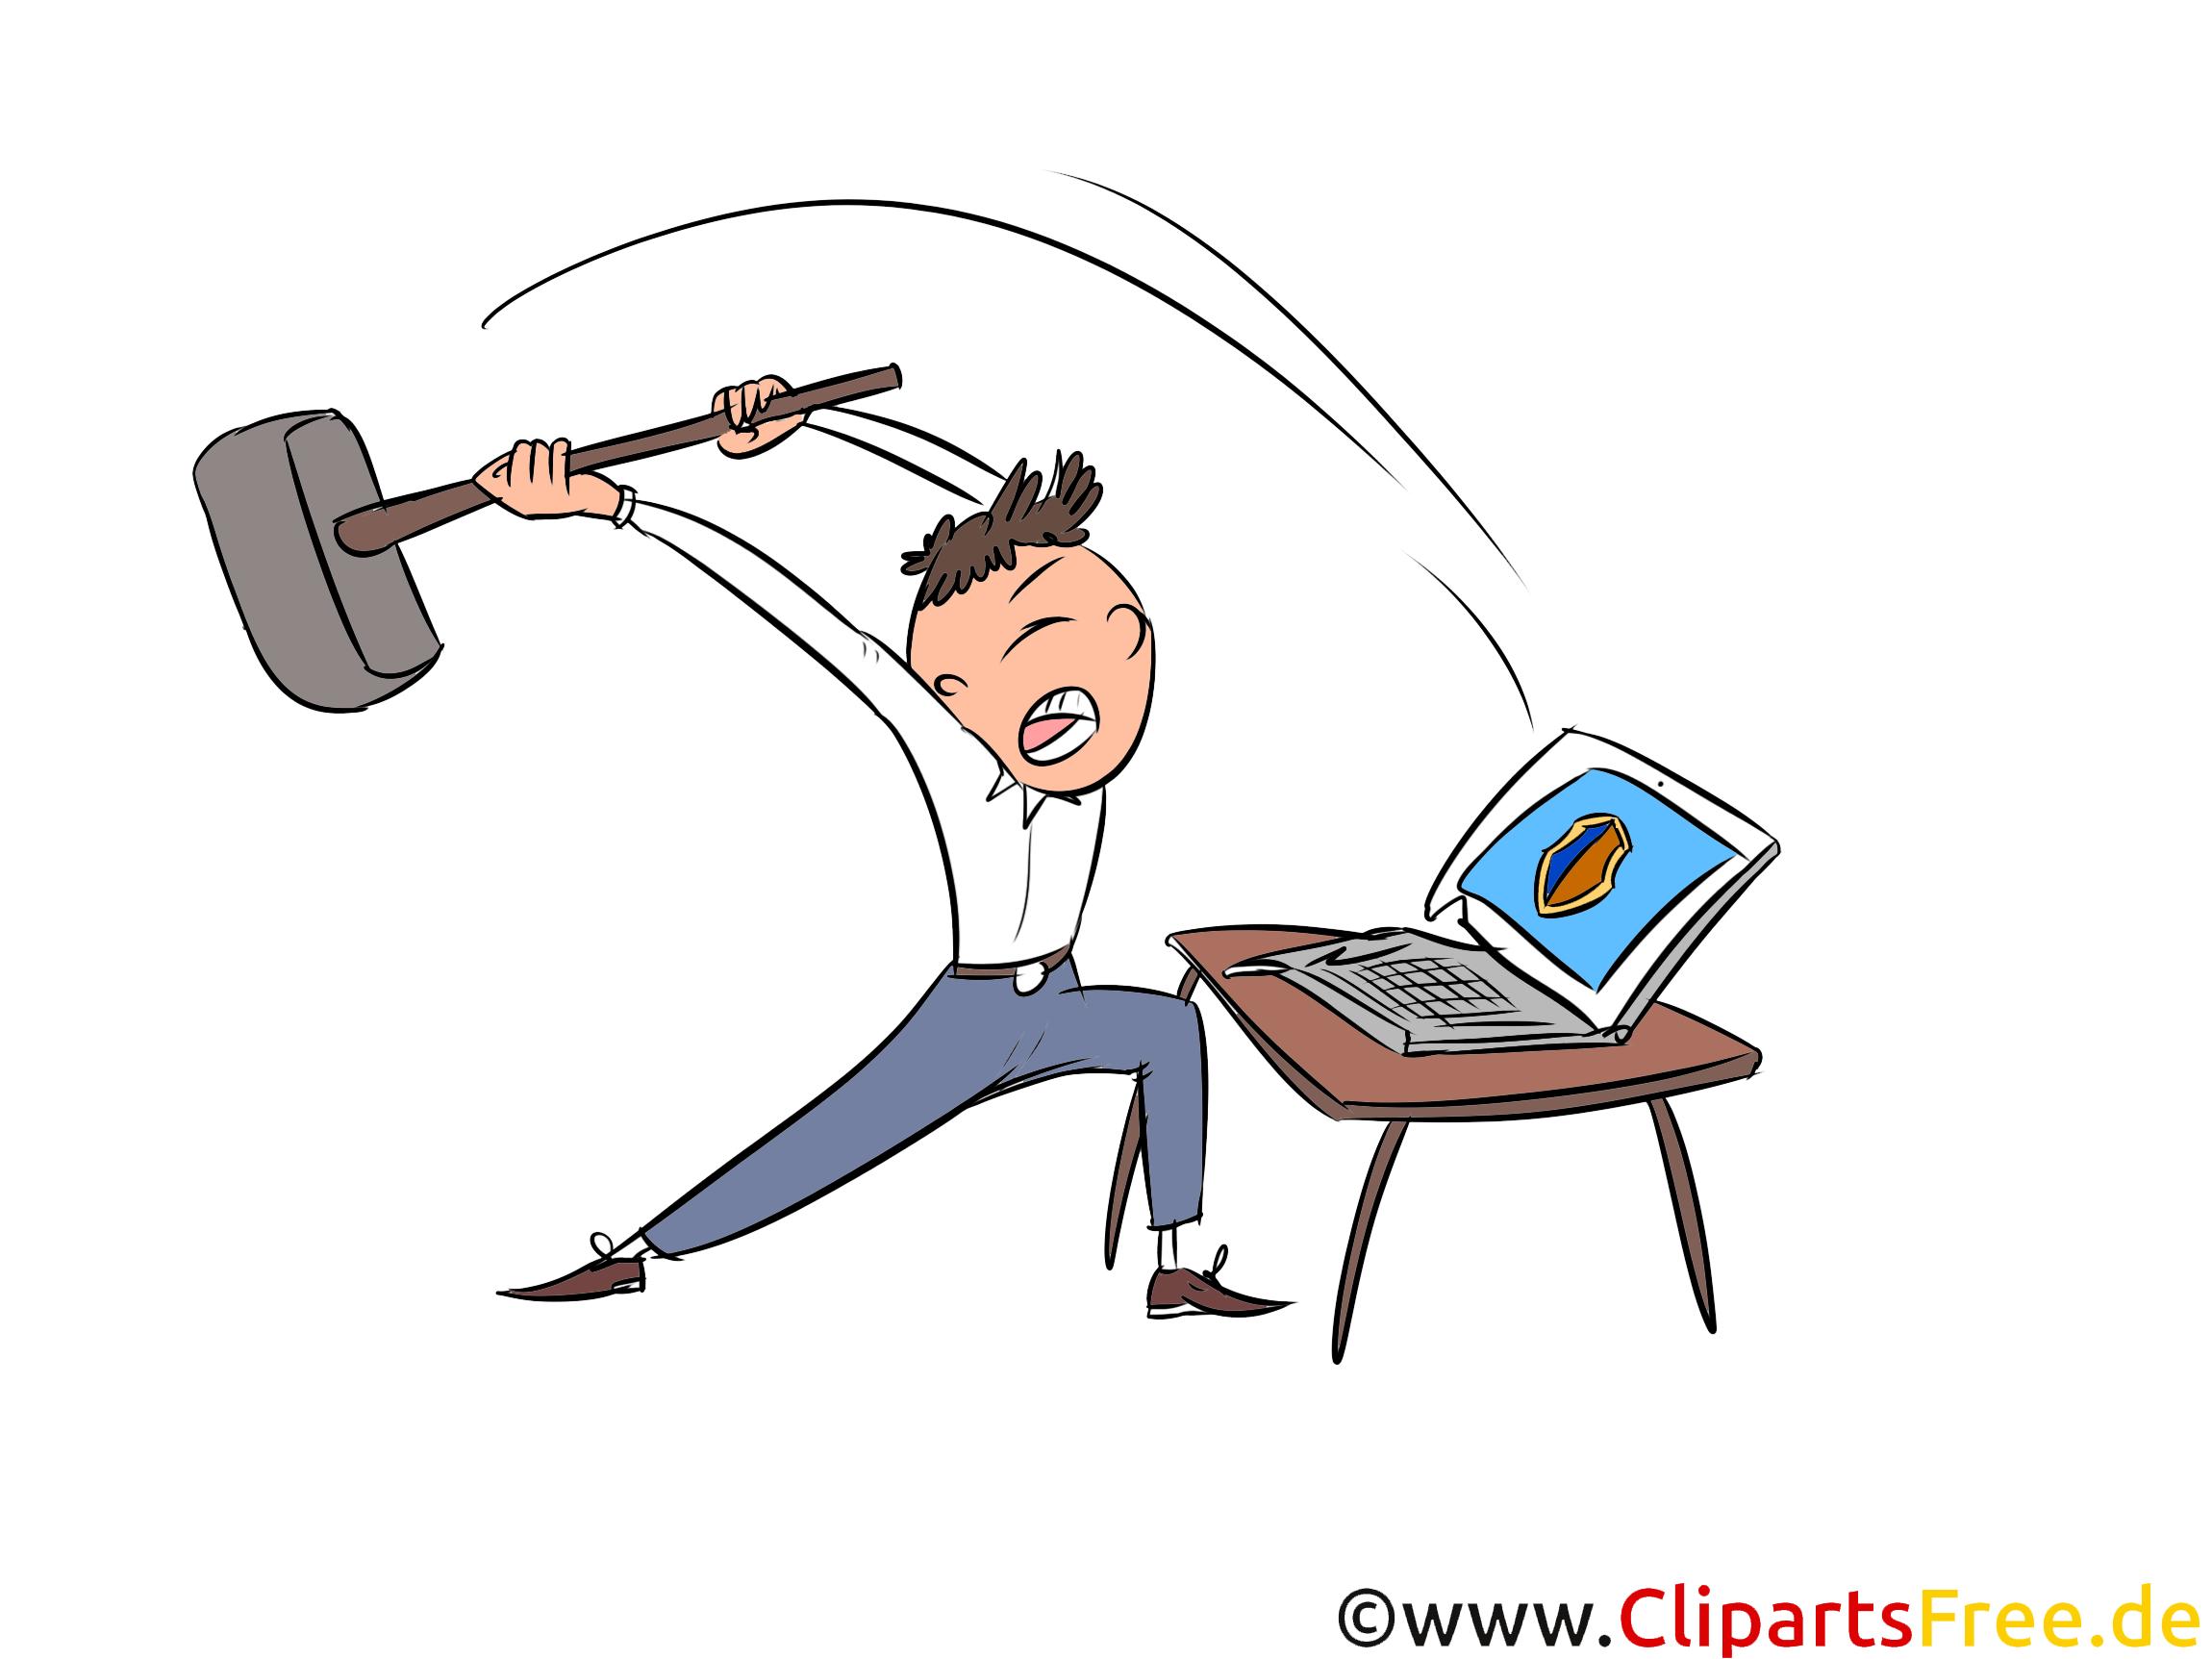 Ärger mit Computer Clipart, Bild, Illustration, Grafik